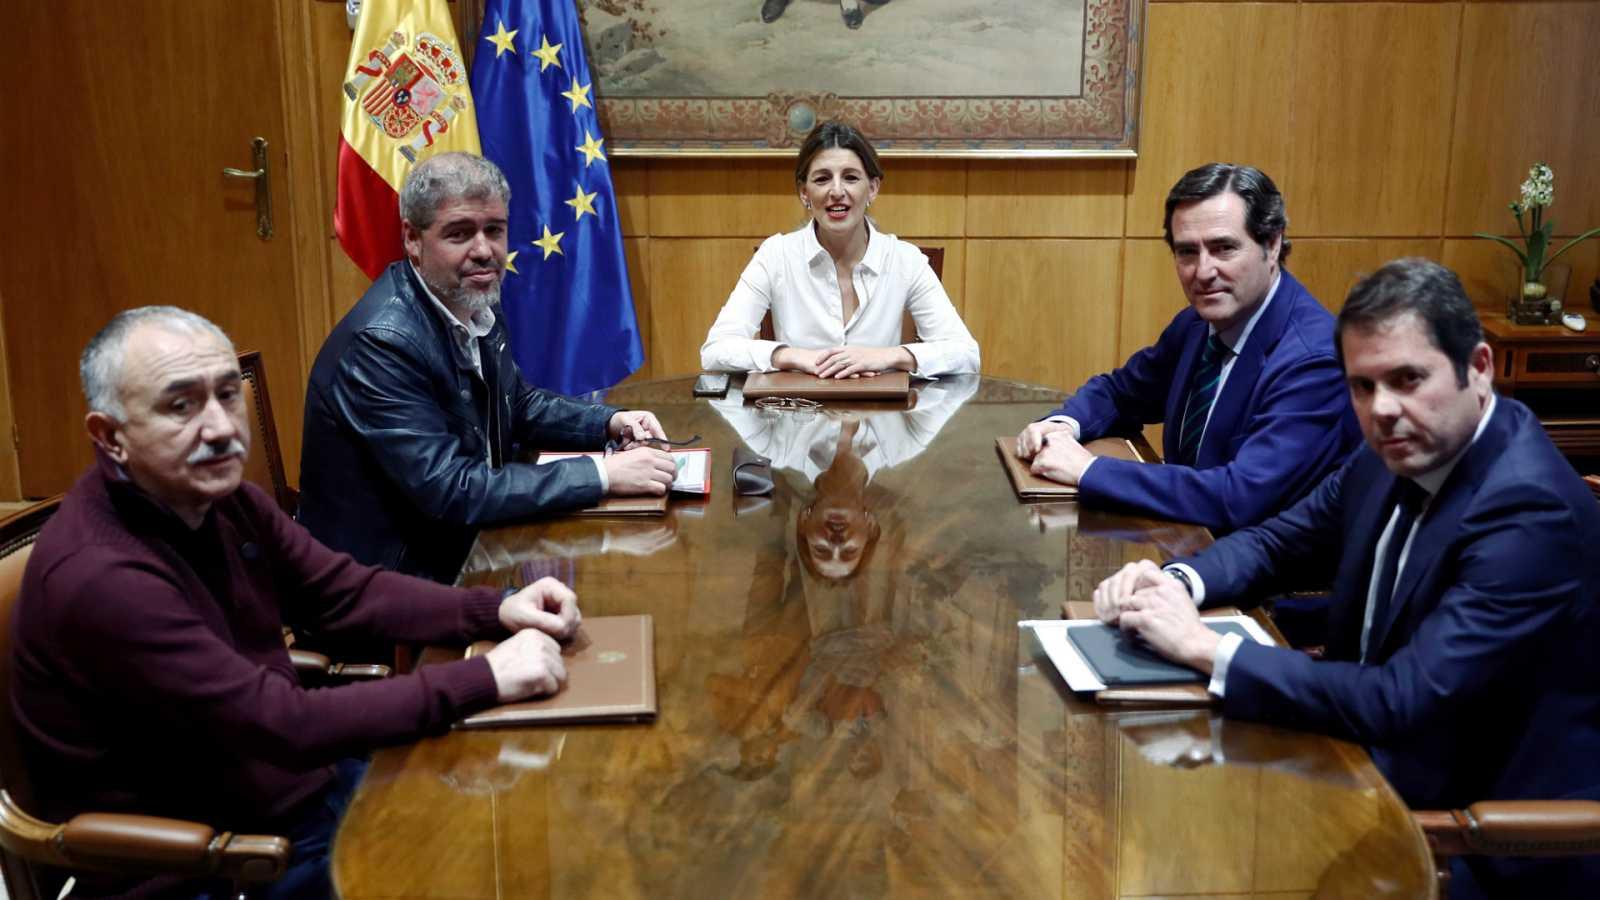 La patronal suspende el diálogo con el Gobierno en protesta por el pacto con Bildu